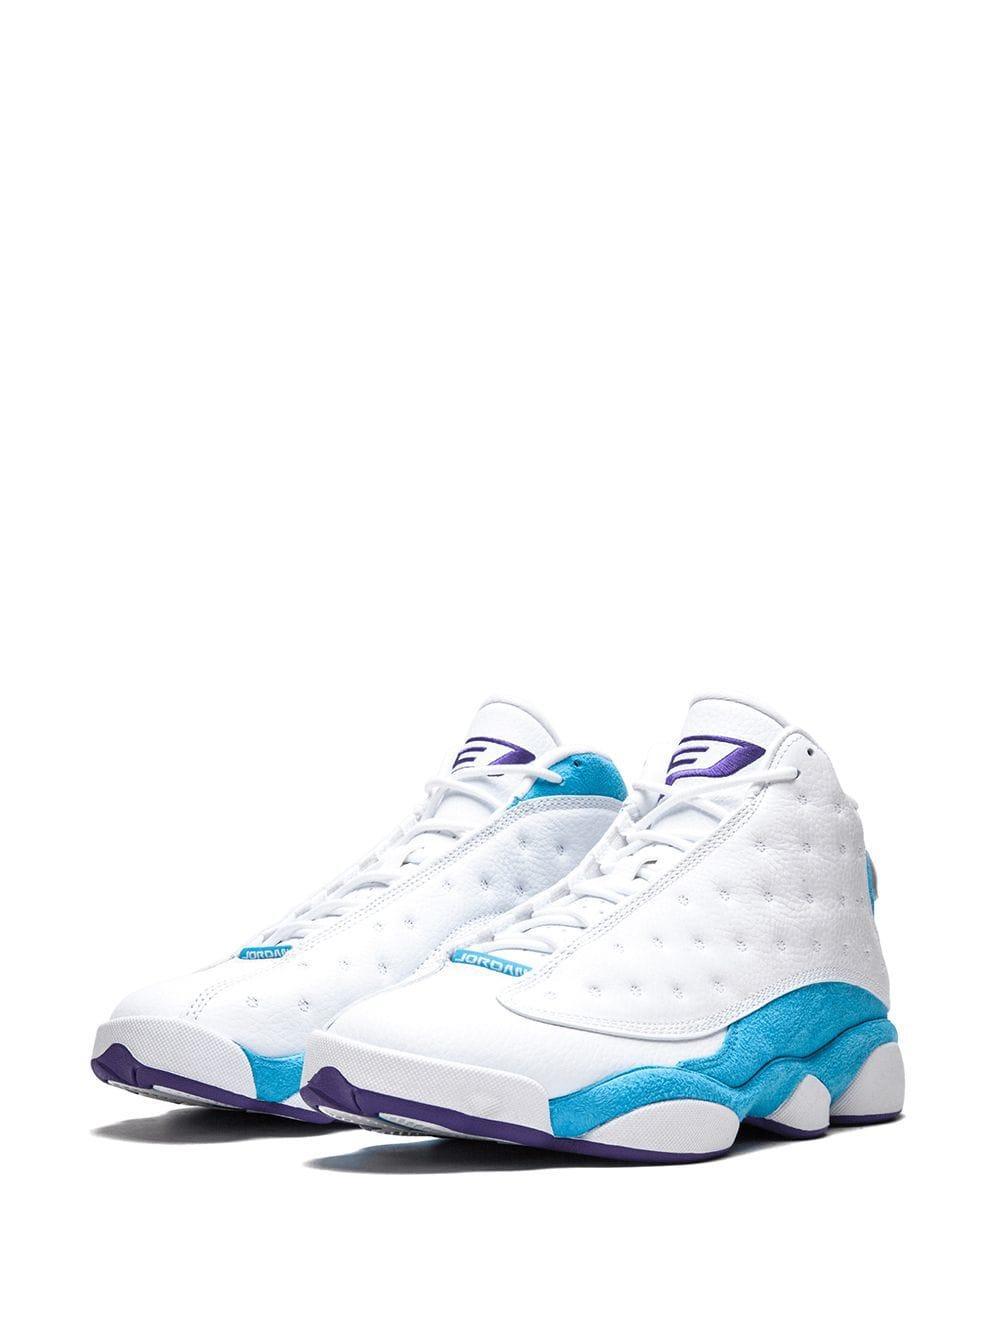 f1ea6b3a7d4a9e Lyst - Nike Air 13 Retro Sneakers in White for Men